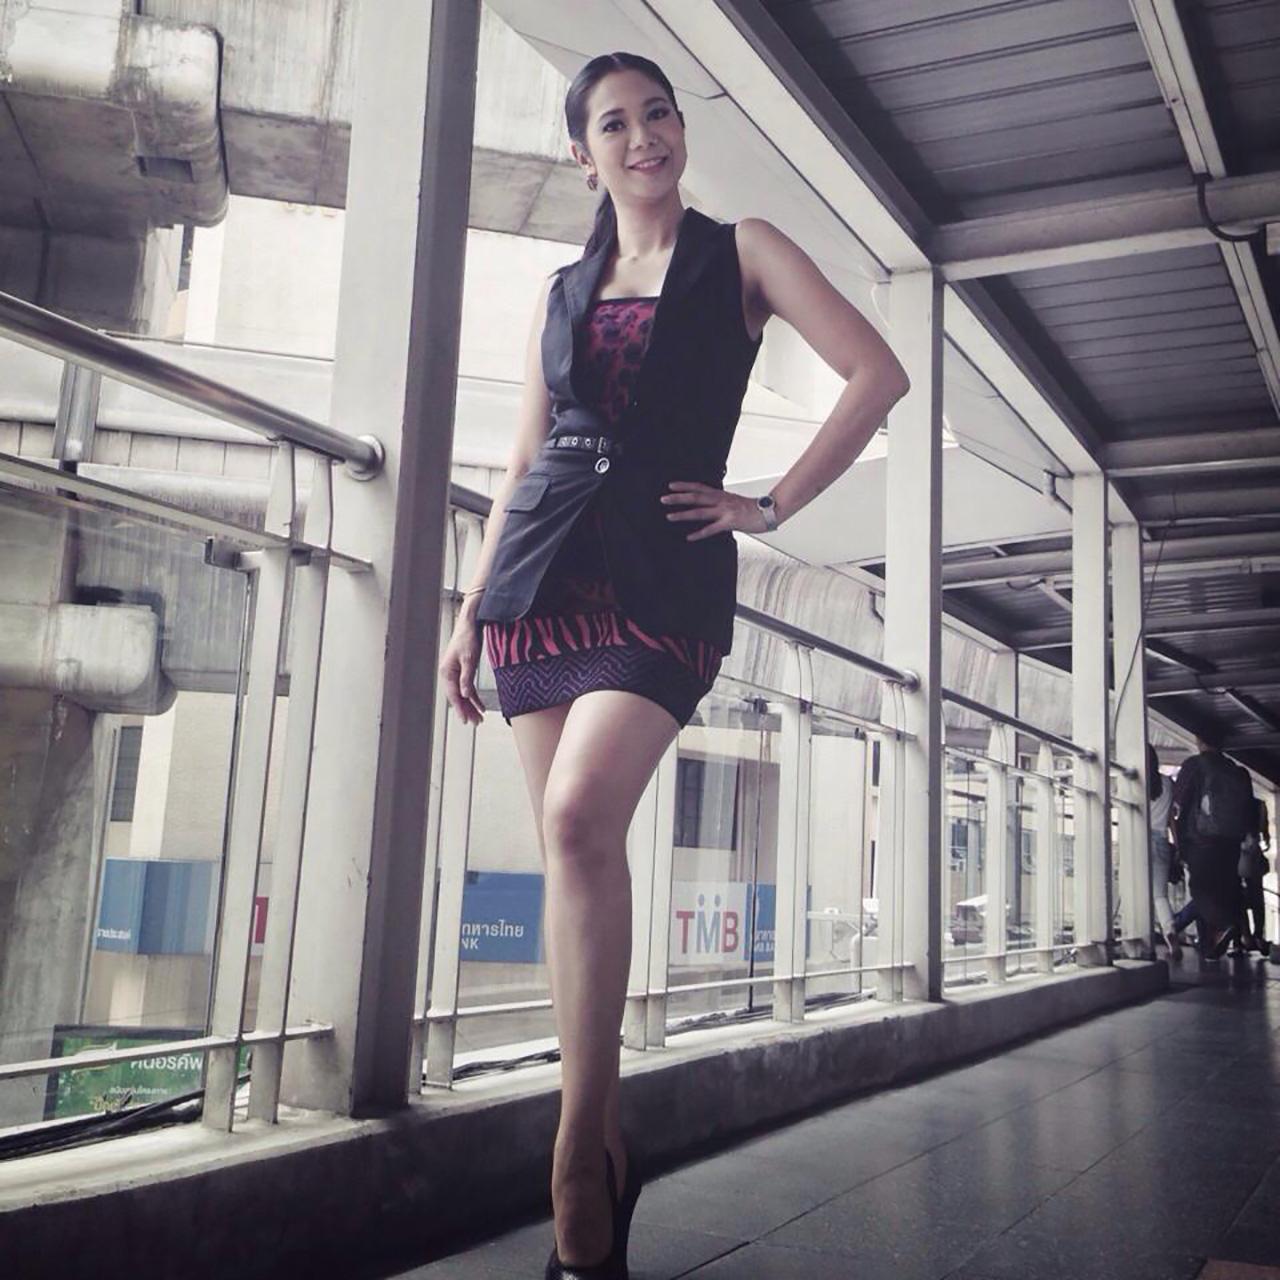 อำลาไม่อาลัยช่อง3 ไปแล้ว  ภาพ FB : Prai Thana